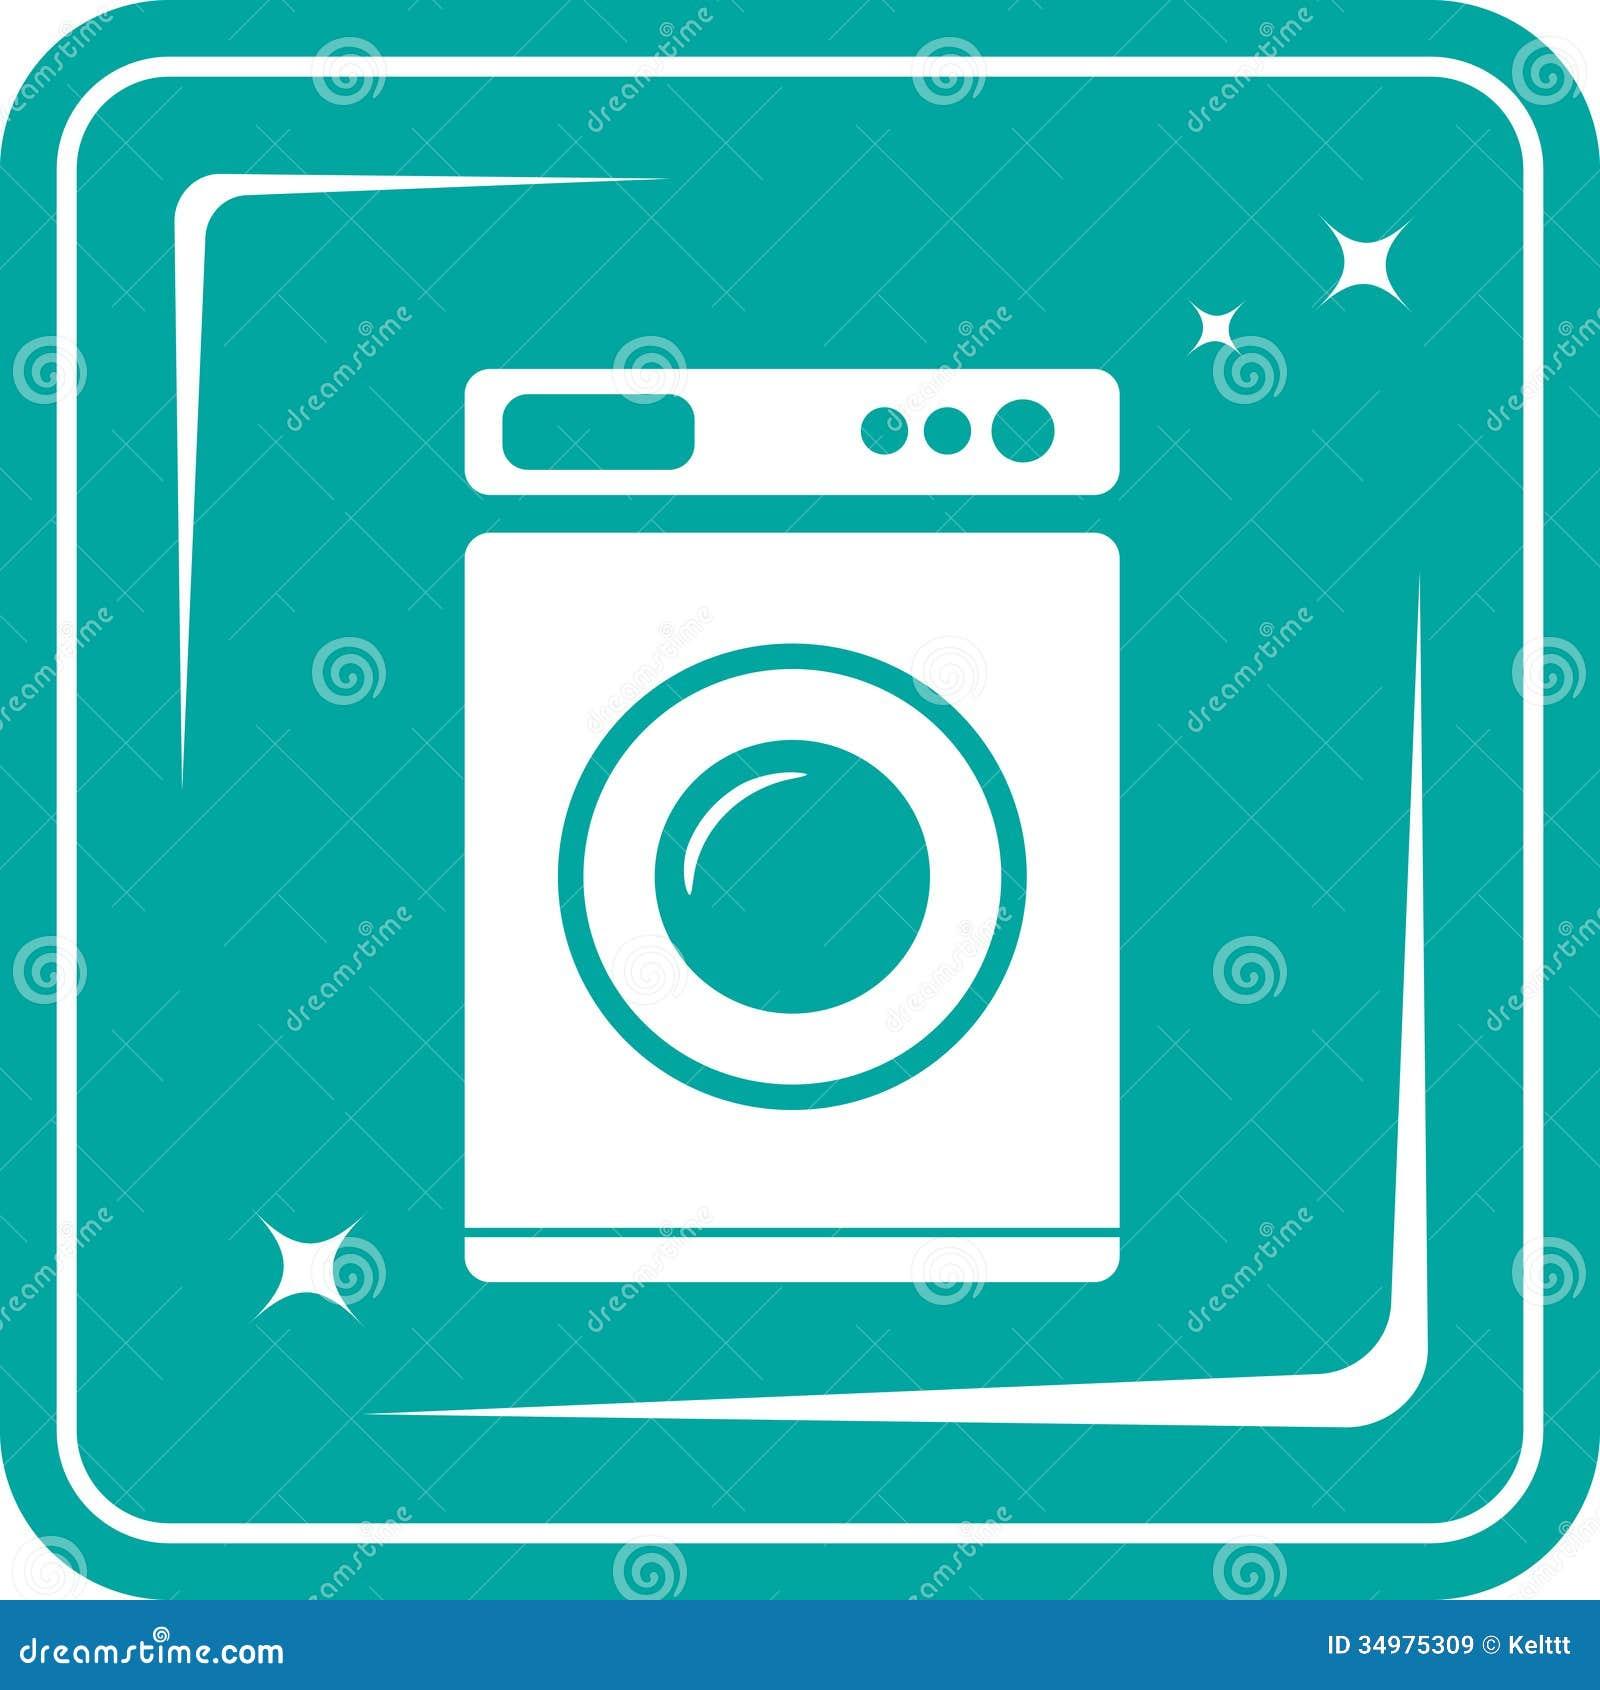 symbole de machine laver images libres de droits image 34975309. Black Bedroom Furniture Sets. Home Design Ideas